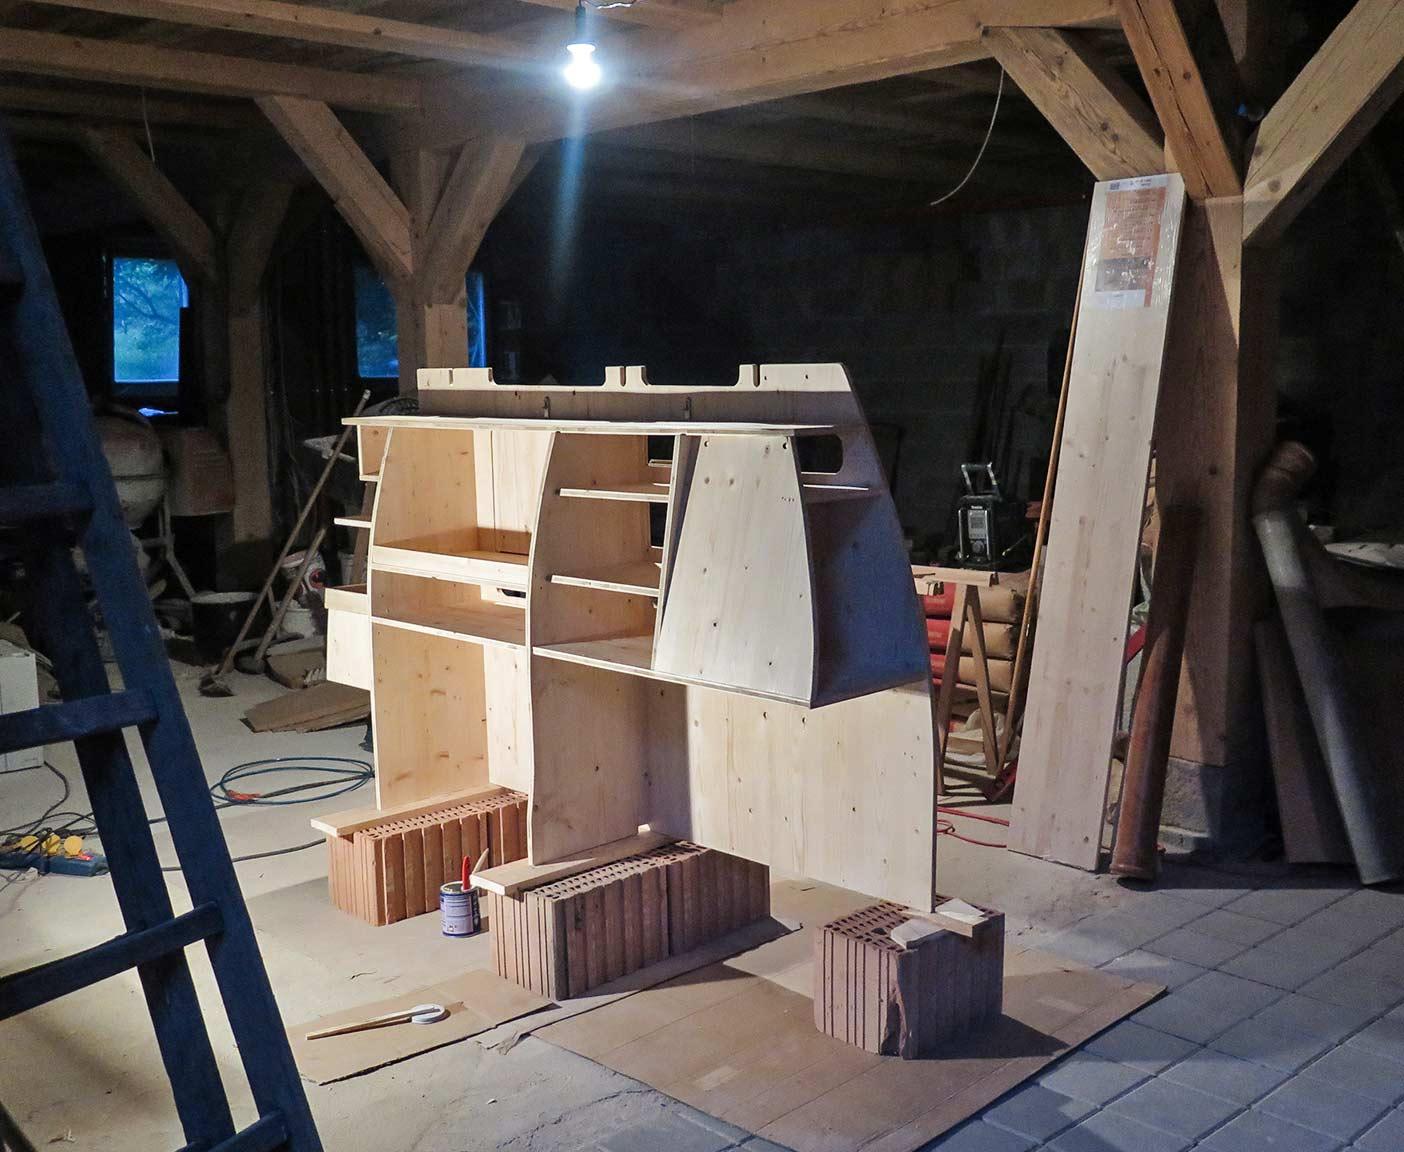 Camping Außenküche Selber Bauen : Piaggio porter der kleinste camper ausbau als wohnmobil